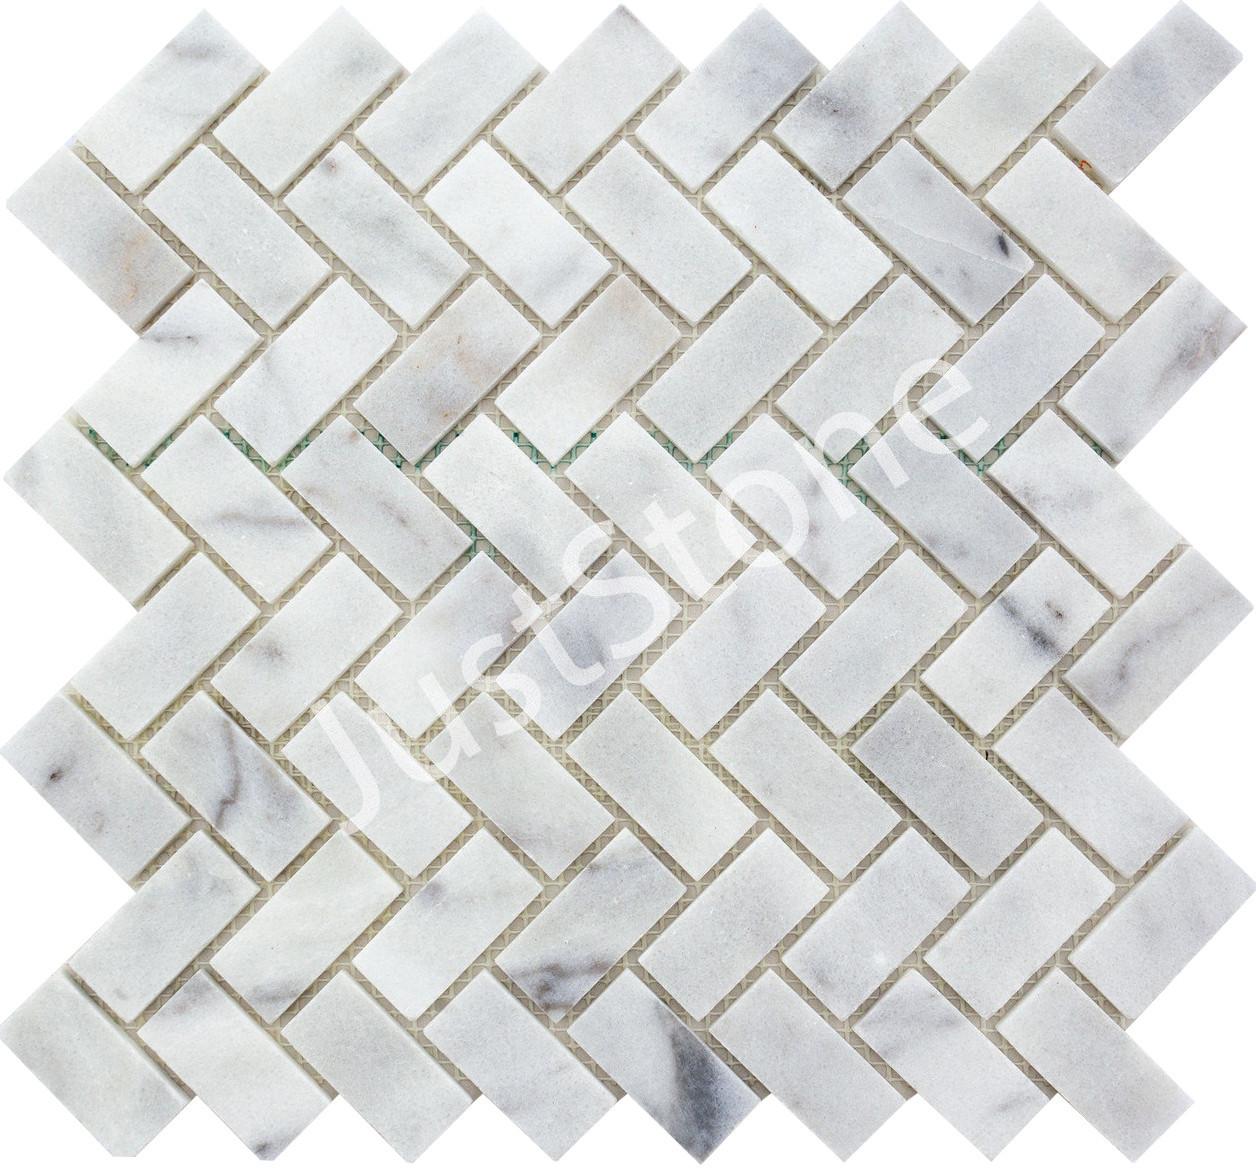 Мозаичная плитка Стар.Валт. МКР-5СВ (47х23) 6 мм White Mix